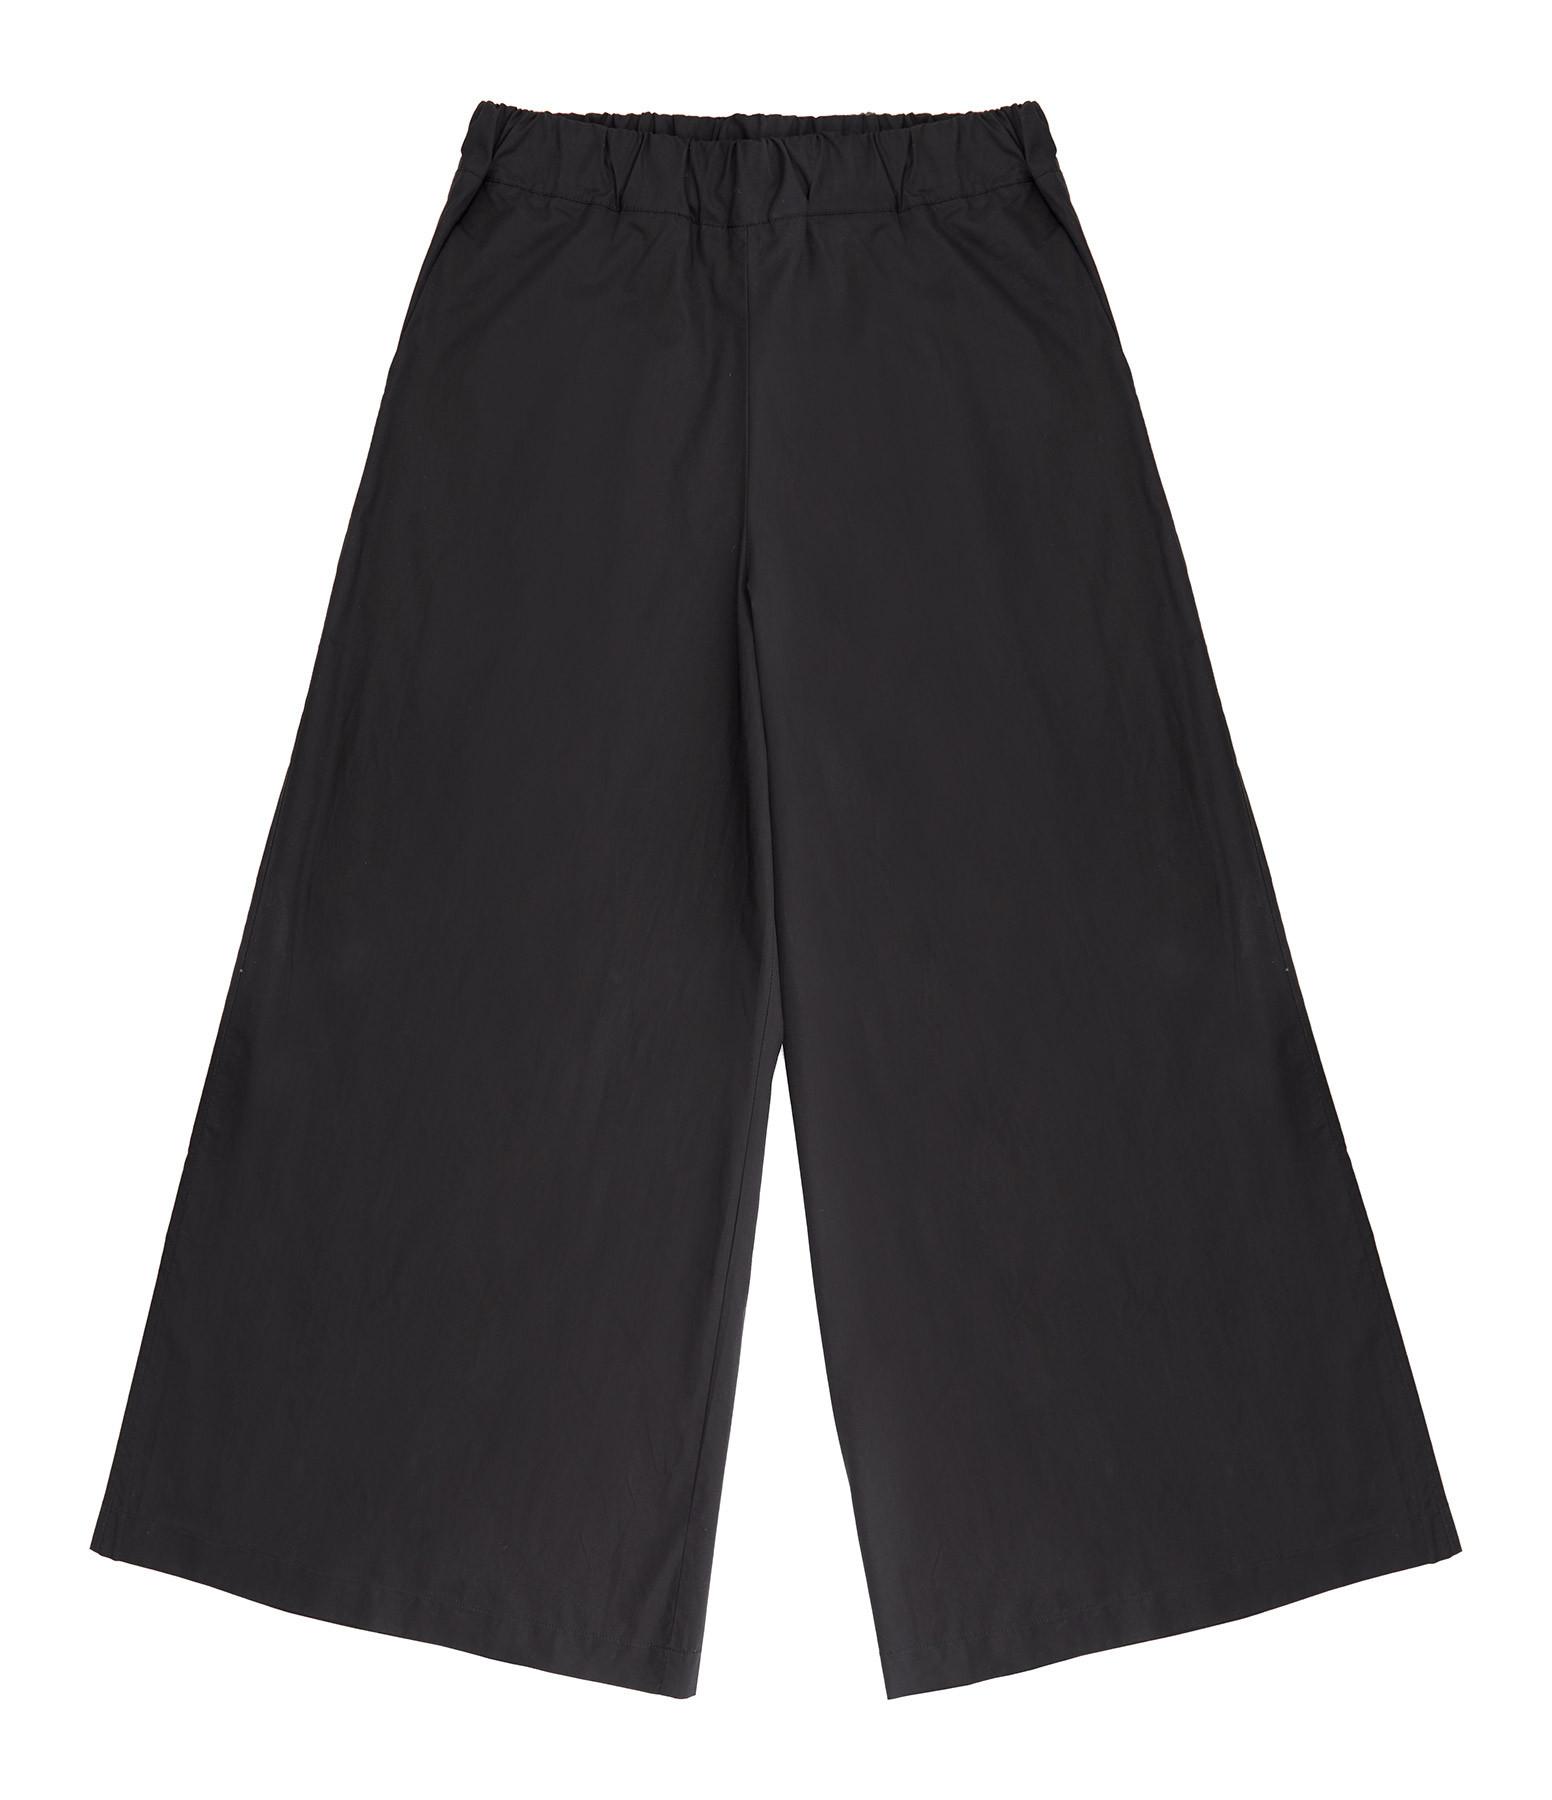 ROBERTO COLLINA - Pantalon Coton Noir